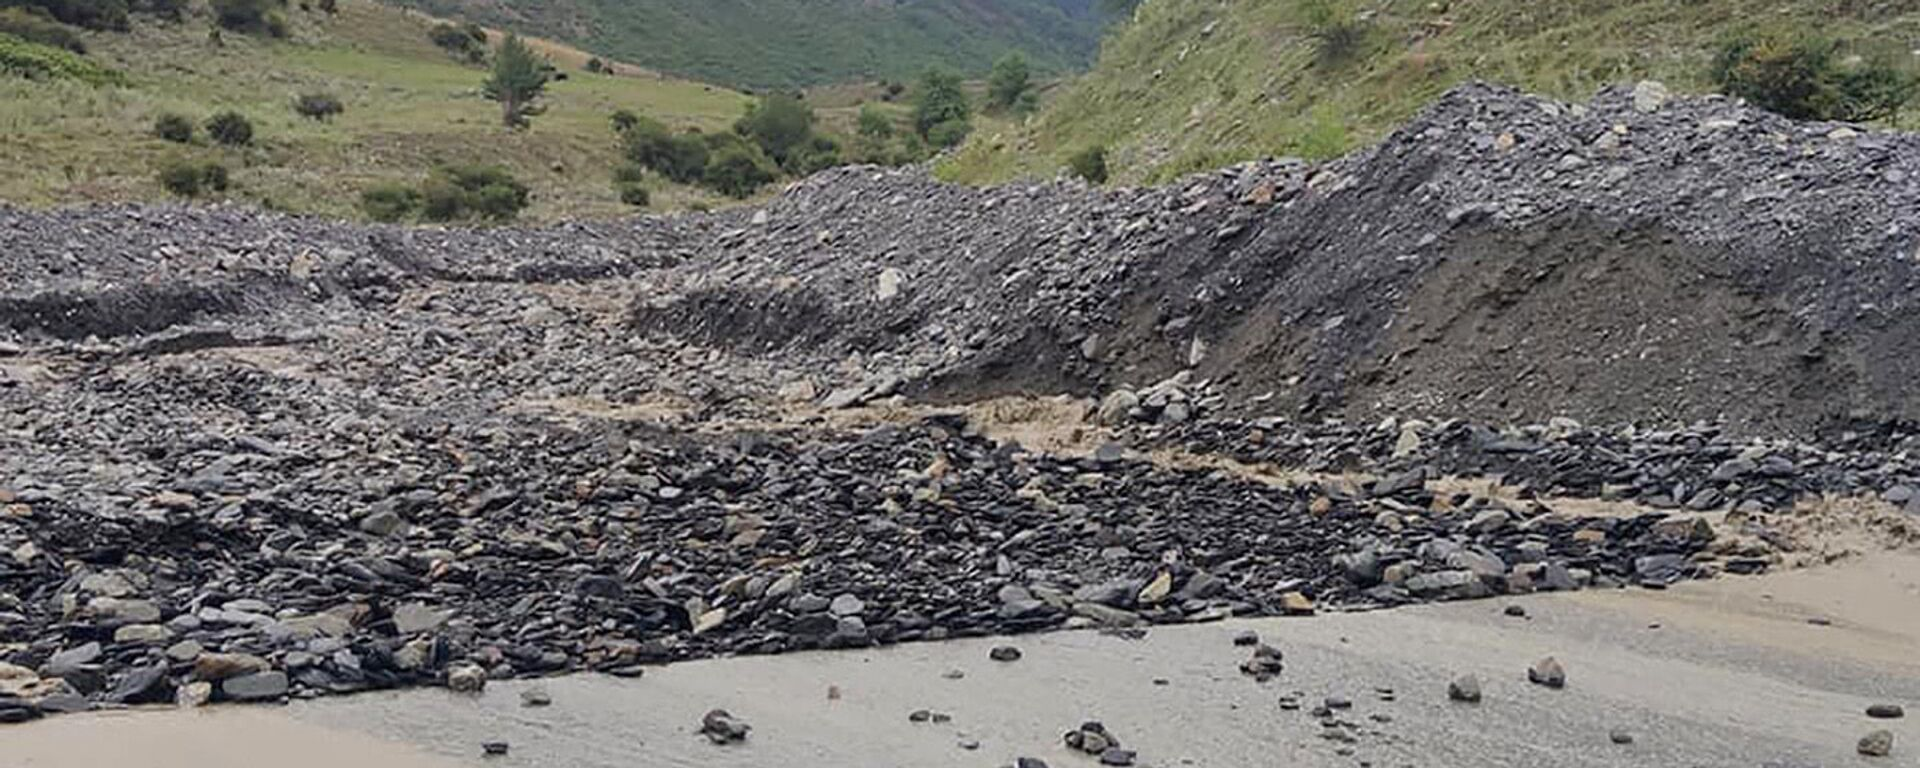 Последствия наводнения в регионе Сванети - Sputnik Грузия, 1920, 27.07.2021